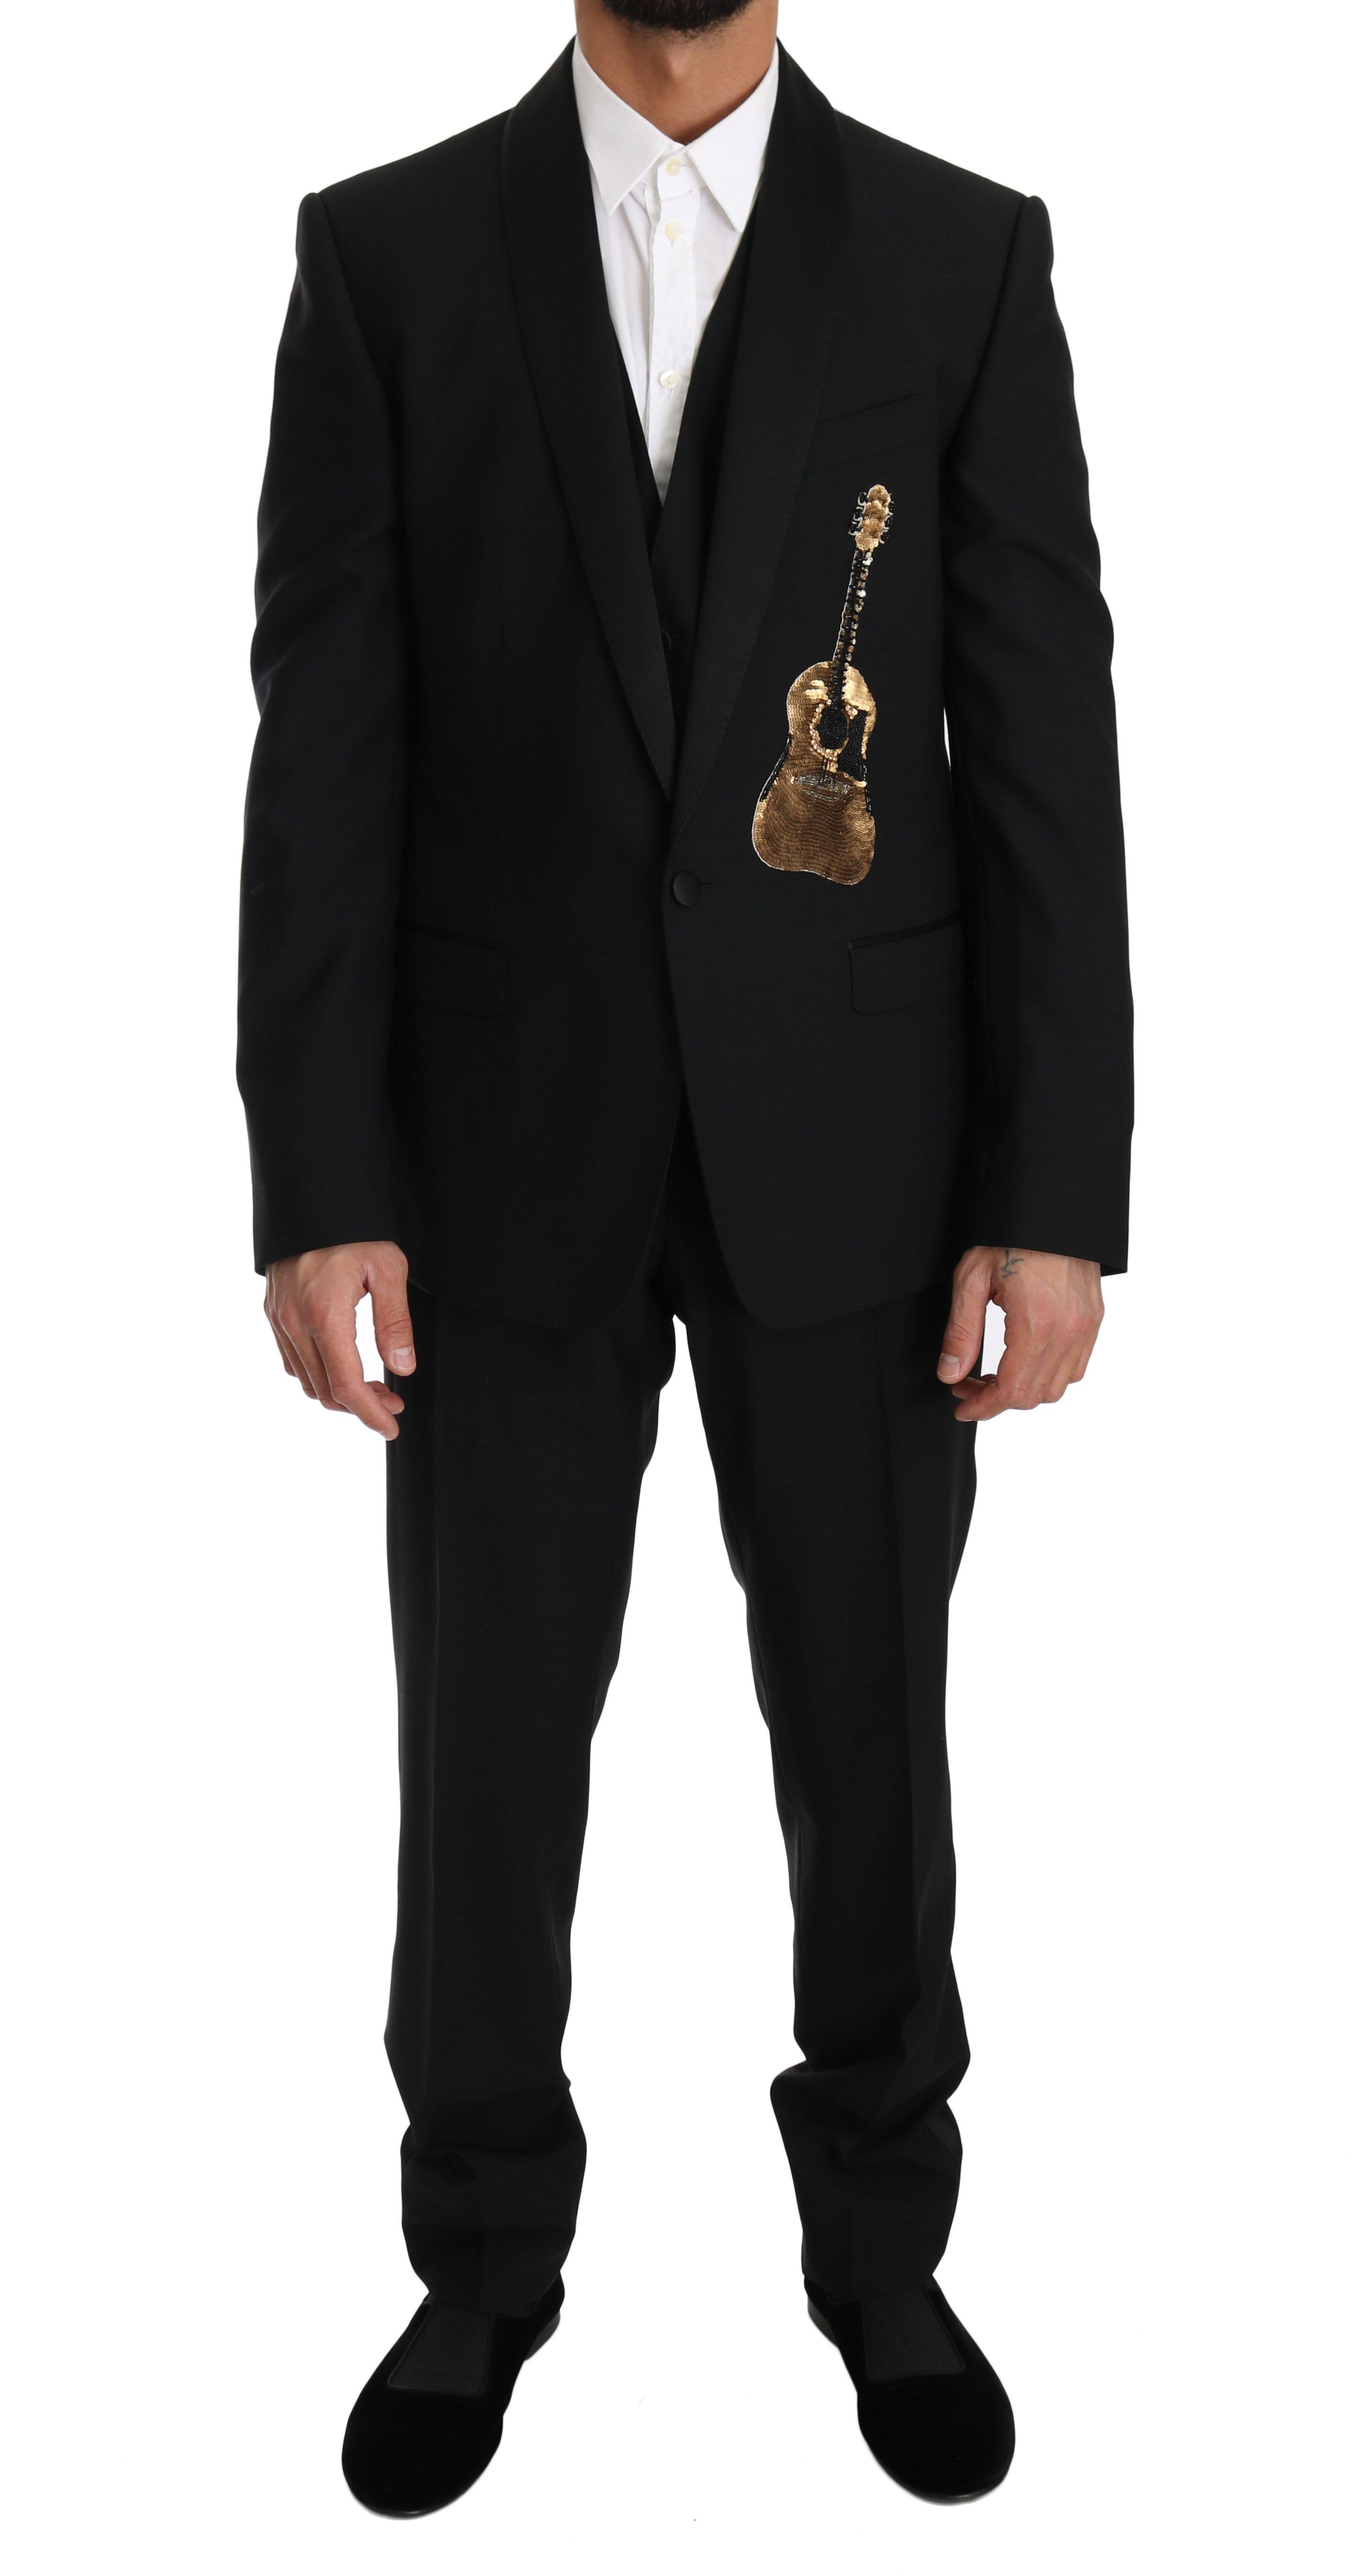 Dolce & Gabbana Men's Wool 3 Piece Sequin Guitar Suit Beige KOS1173 - IT52   XL